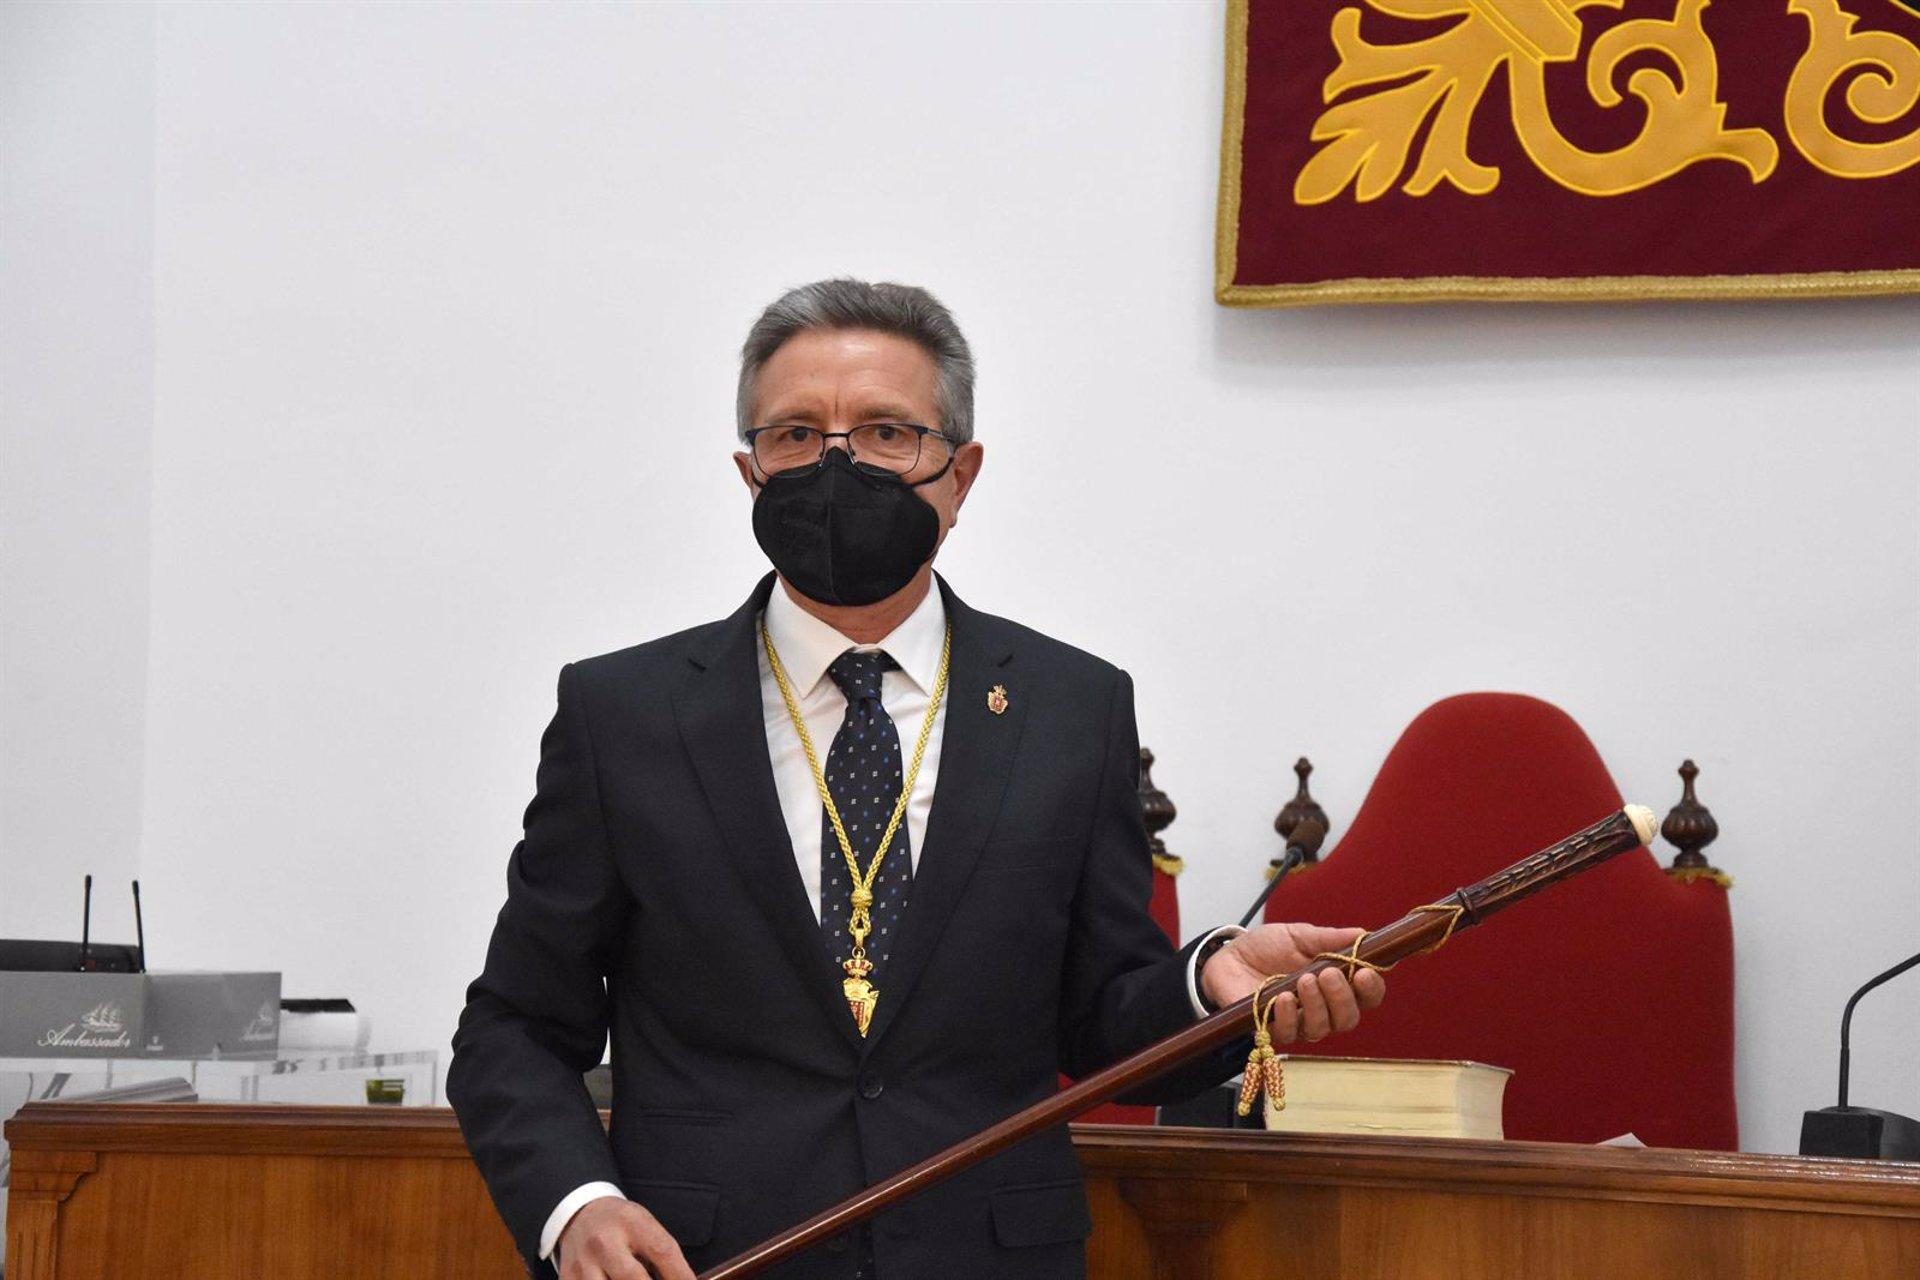 Toma posesión el nuevo alcalde de Baza, Manuel Gavilán en sustitución de Pedro Fernández, actual delegado de Gobierno